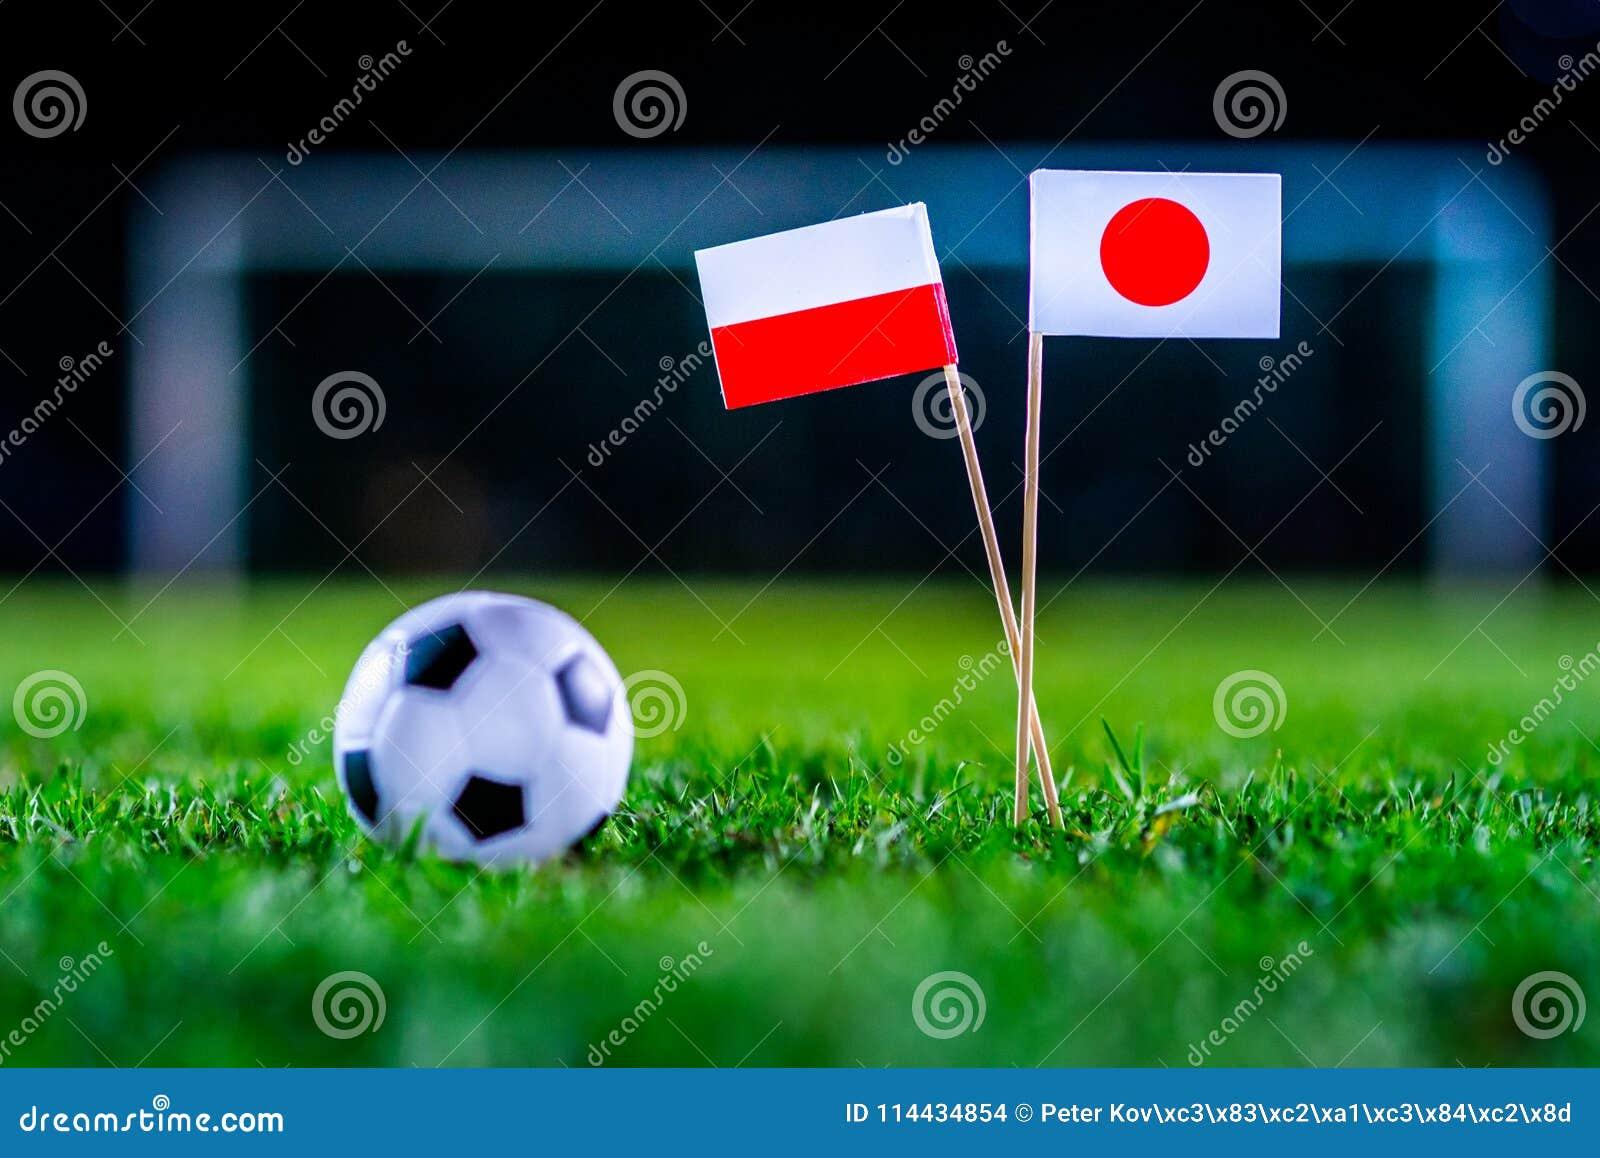 Ιαπωνία - Πολωνία, ομάδα Χ, Πέμπτη, 28 Ποδόσφαιρο Ιουνίου, Παγκόσμιο Κύπελλο, Ρωσία 2018, εθνικές σημαίες στην πράσινη χλόη, άσπρ